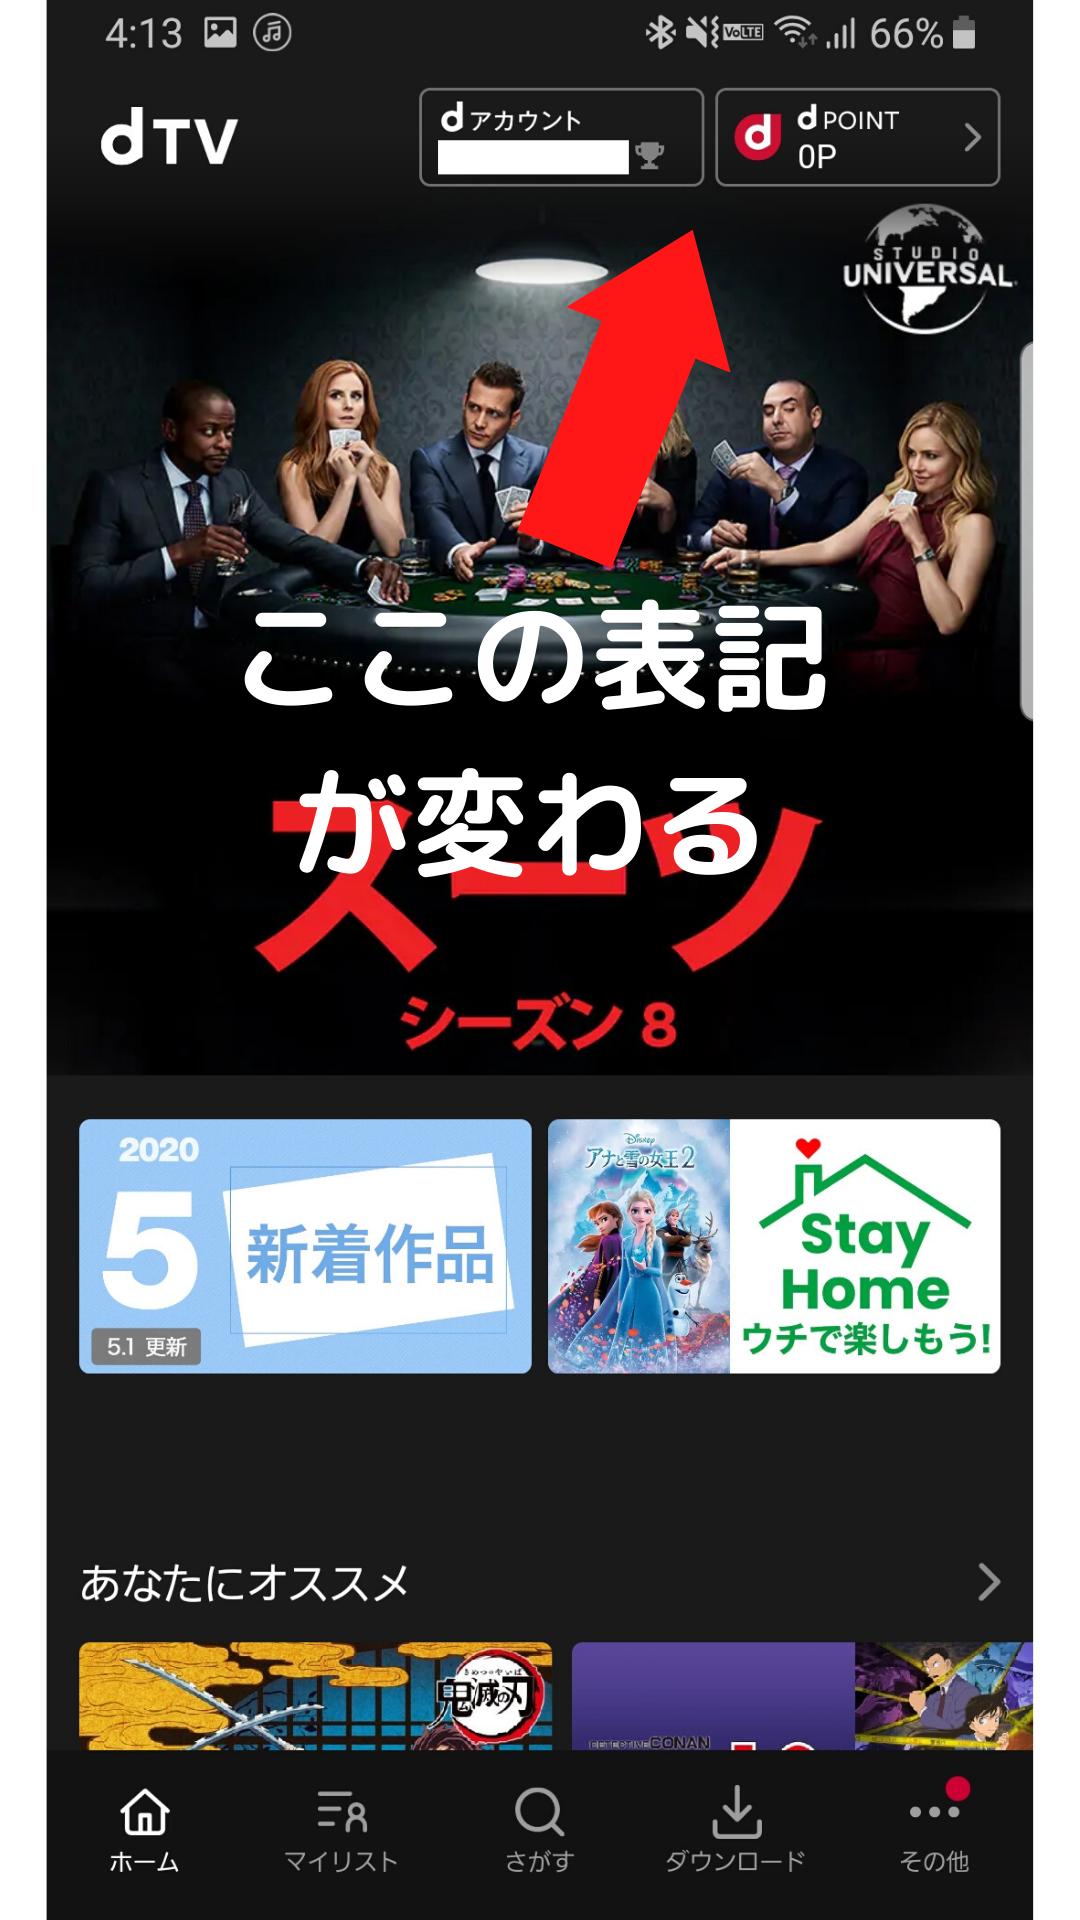 ログイン完了でdTVアプリで動画の視聴が可能になる